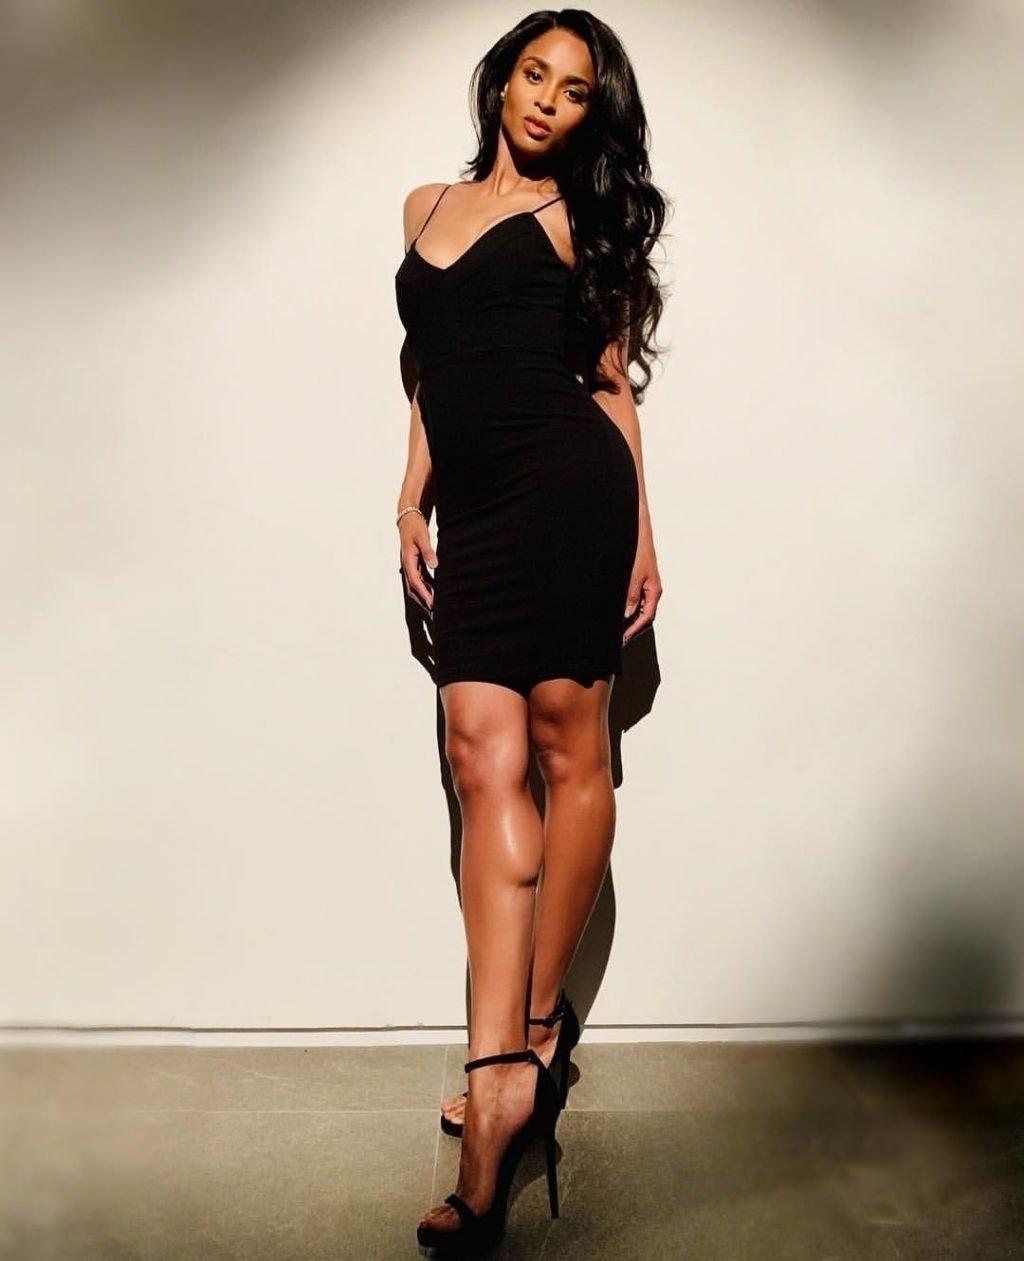 Ciara Sexy (3 Photos)